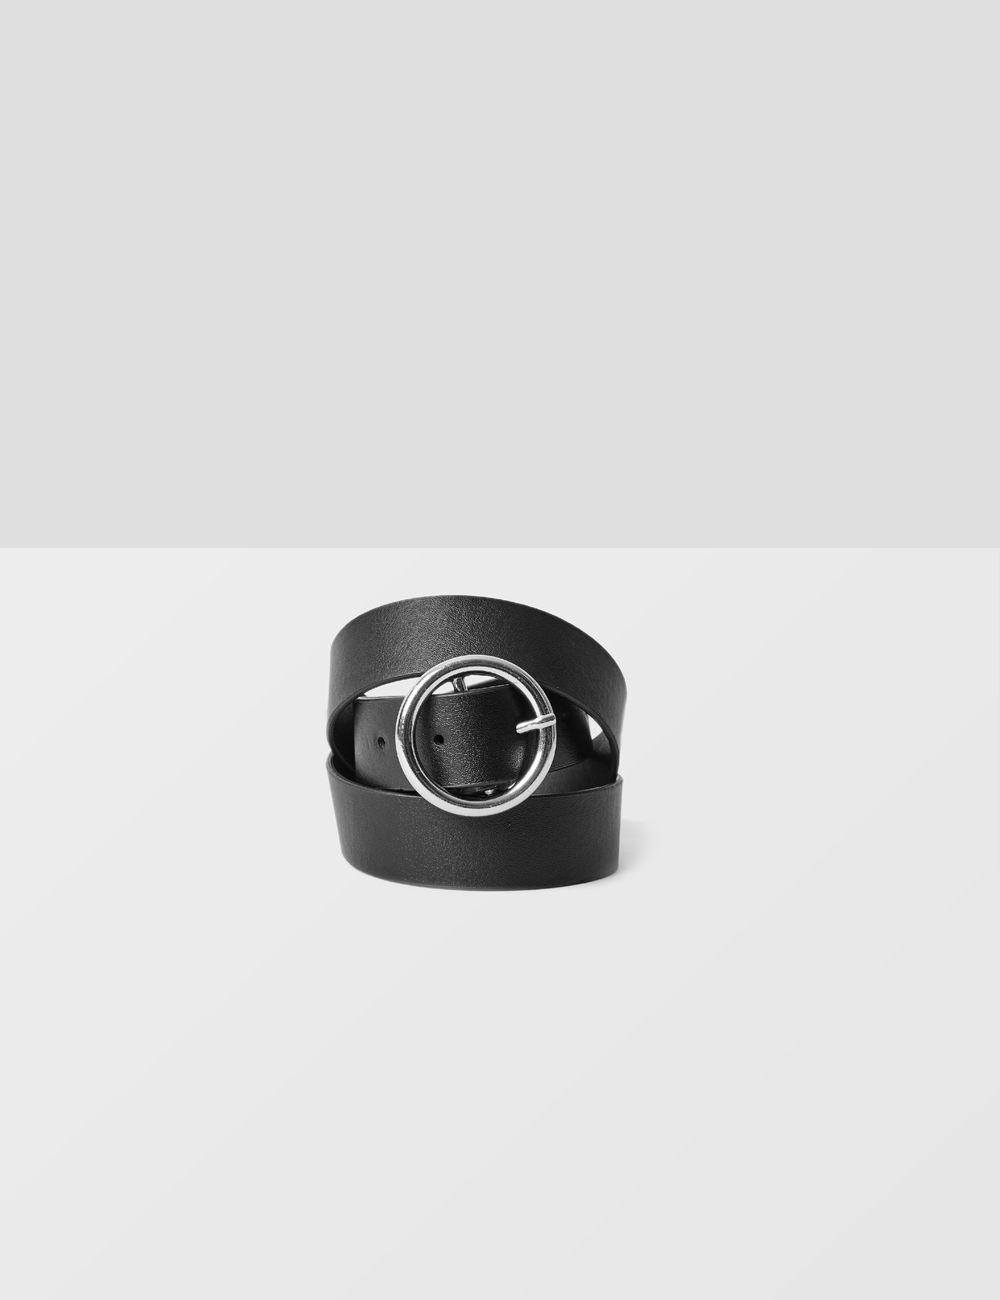 ceinture à boucle ronde noire Jennyfer prix 5,99 €